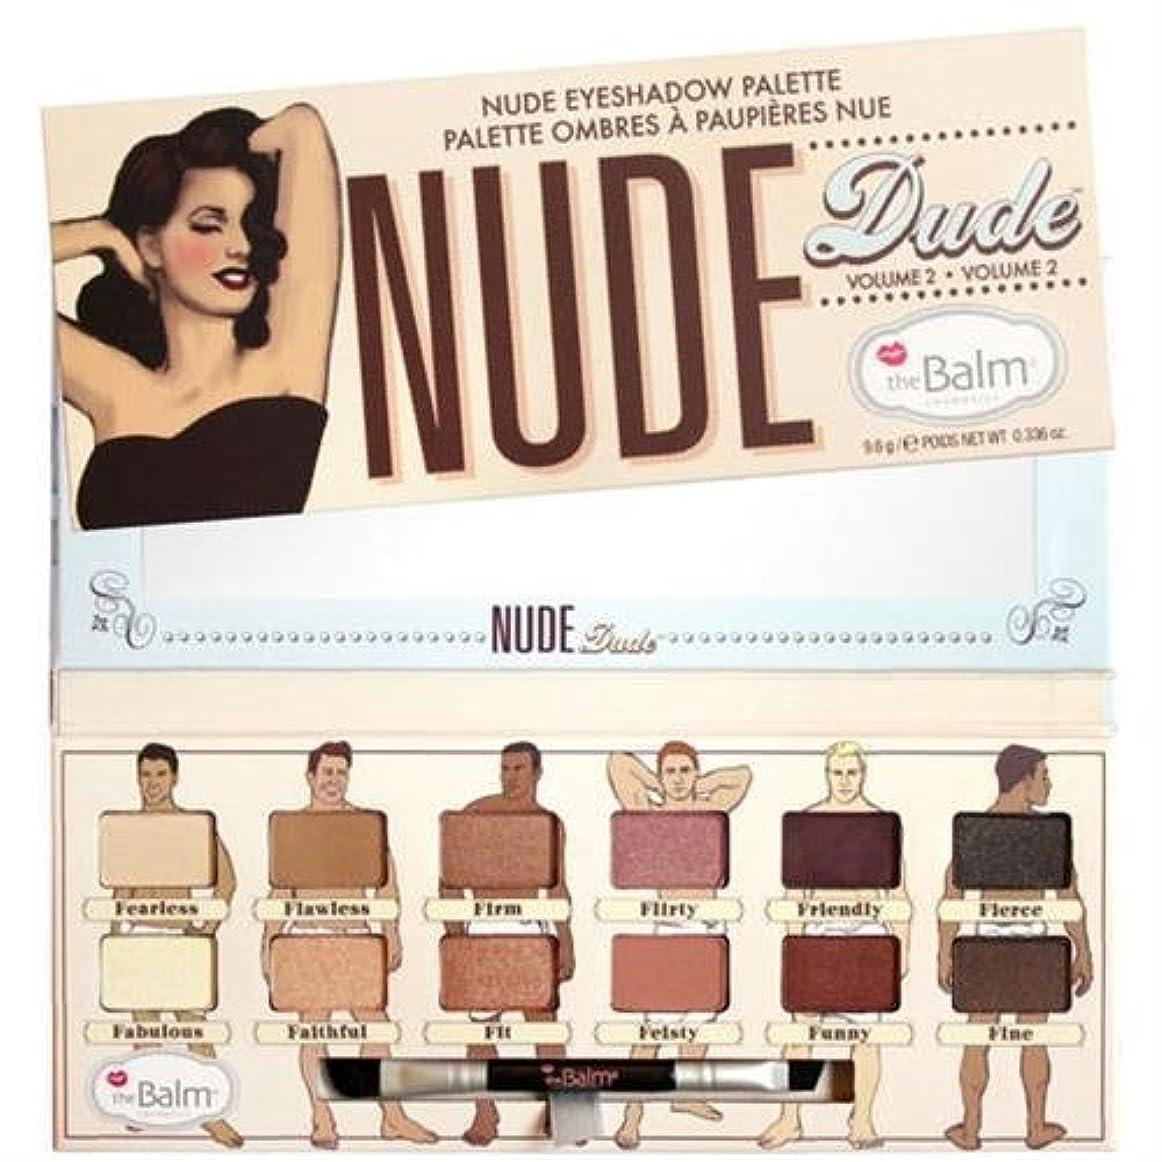 ガウンタワーカメThebalm Nude Dude Nude Eyeshadow Palette (並行輸入品) [並行輸入品]